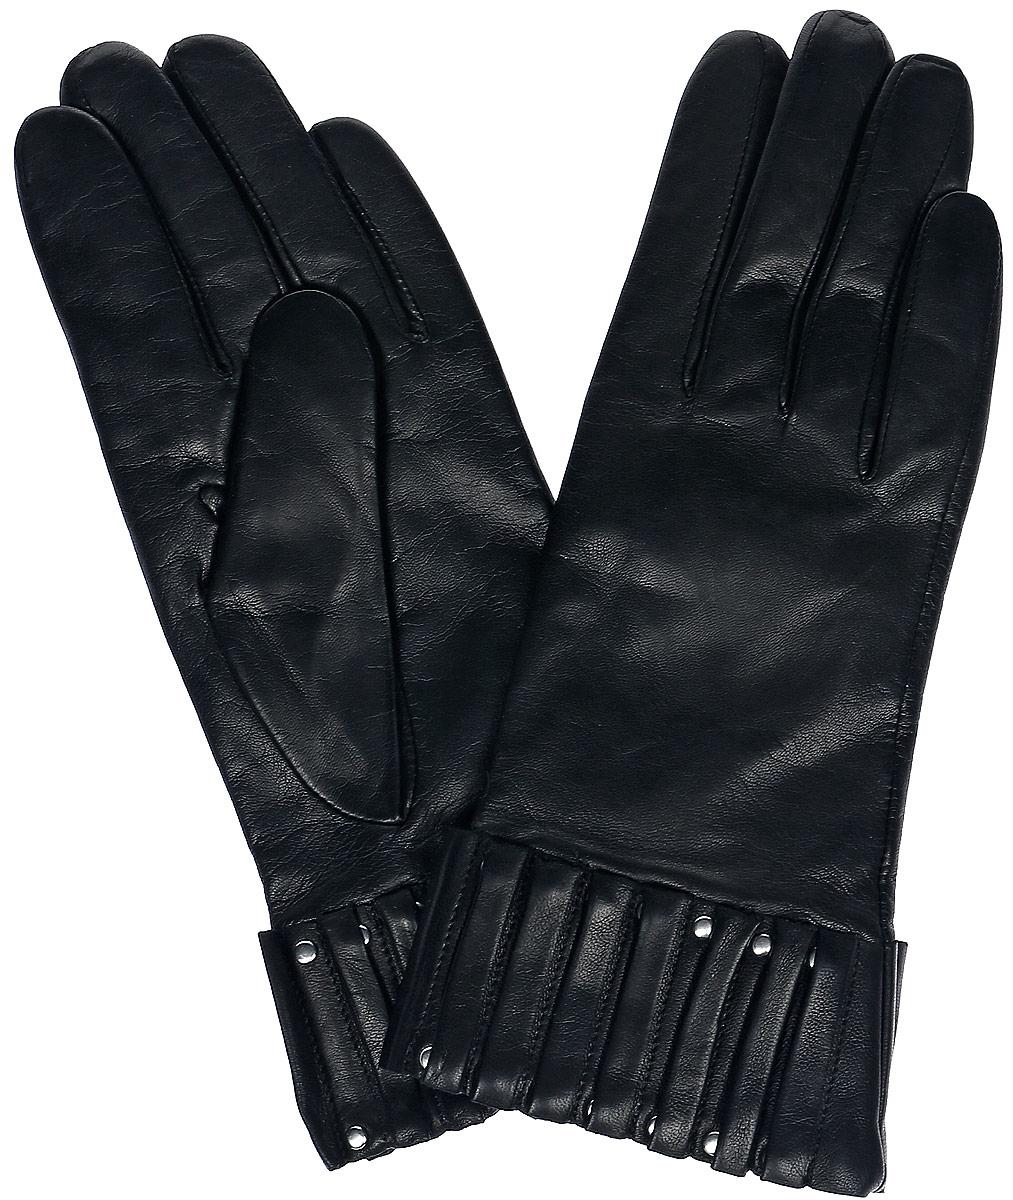 11_WELATTE/BL//11Женские перчатки Dali Exclusive не только защитят ваши руки, но и станут великолепным украшением. Перчатки выполнены из натуральной кожи, а подкладка - из высококачественной шерсти. Модель оформлена декоративными складками.